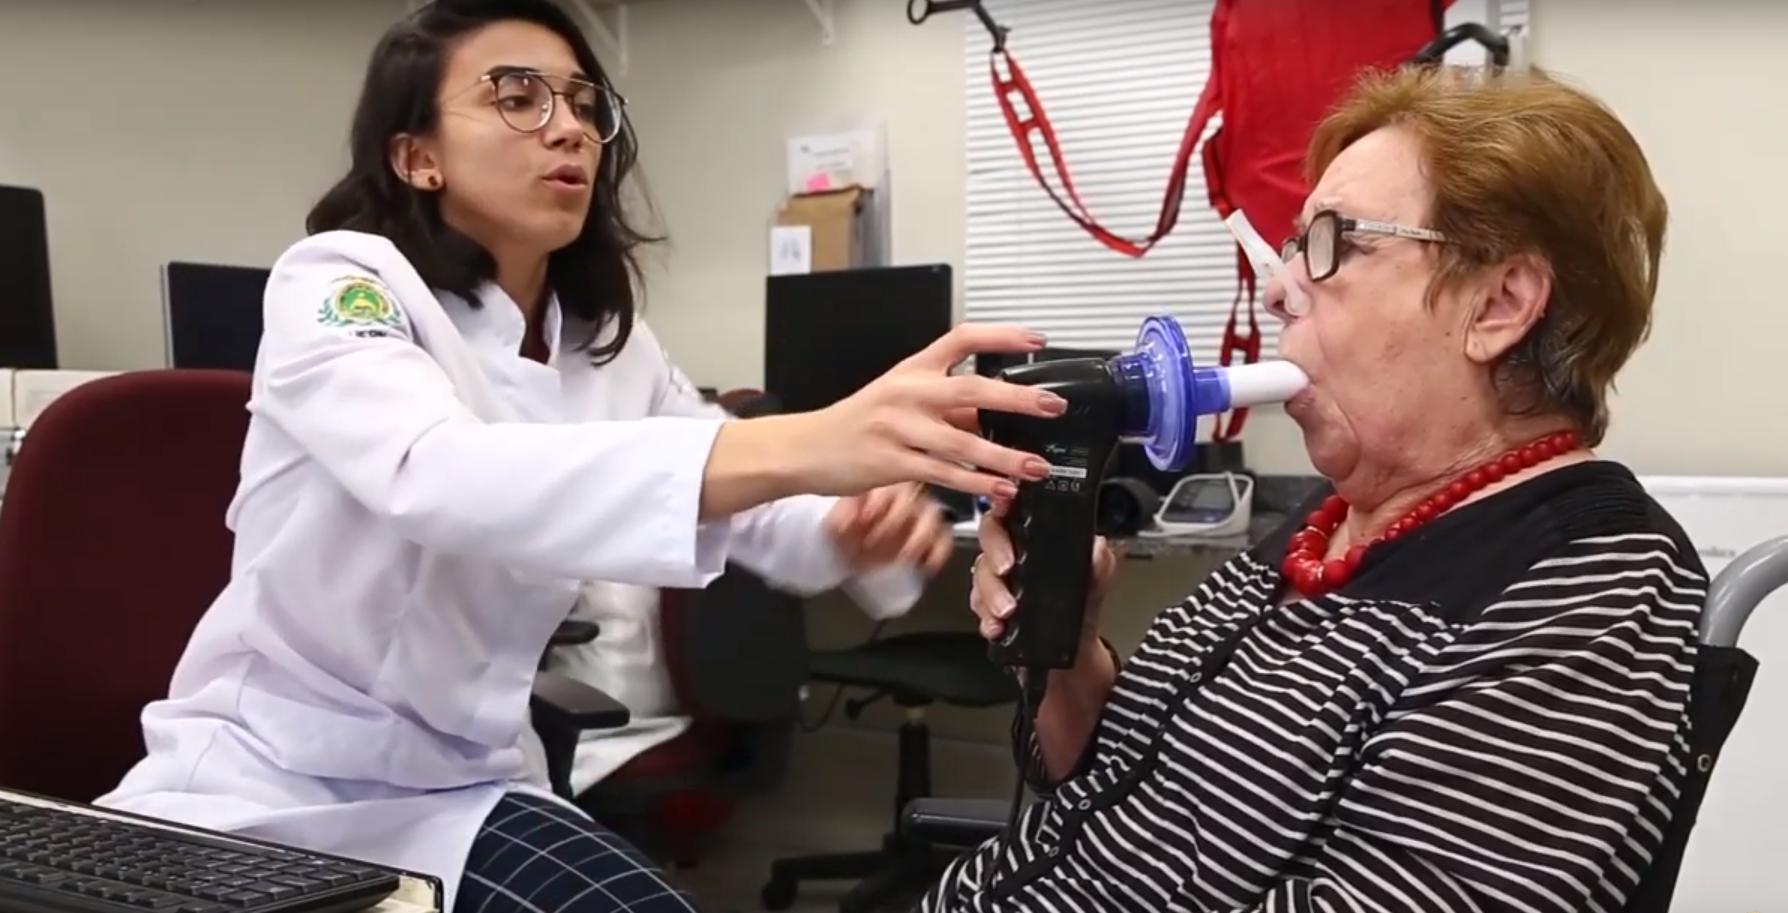 Teste realizado no Laboratório PneumoCardioVascular, da Universidade Federal do Rio Grande do Norte: desenvolvimento de válvula para treinamento respiratório (Foto: Divulgação/UFRN)